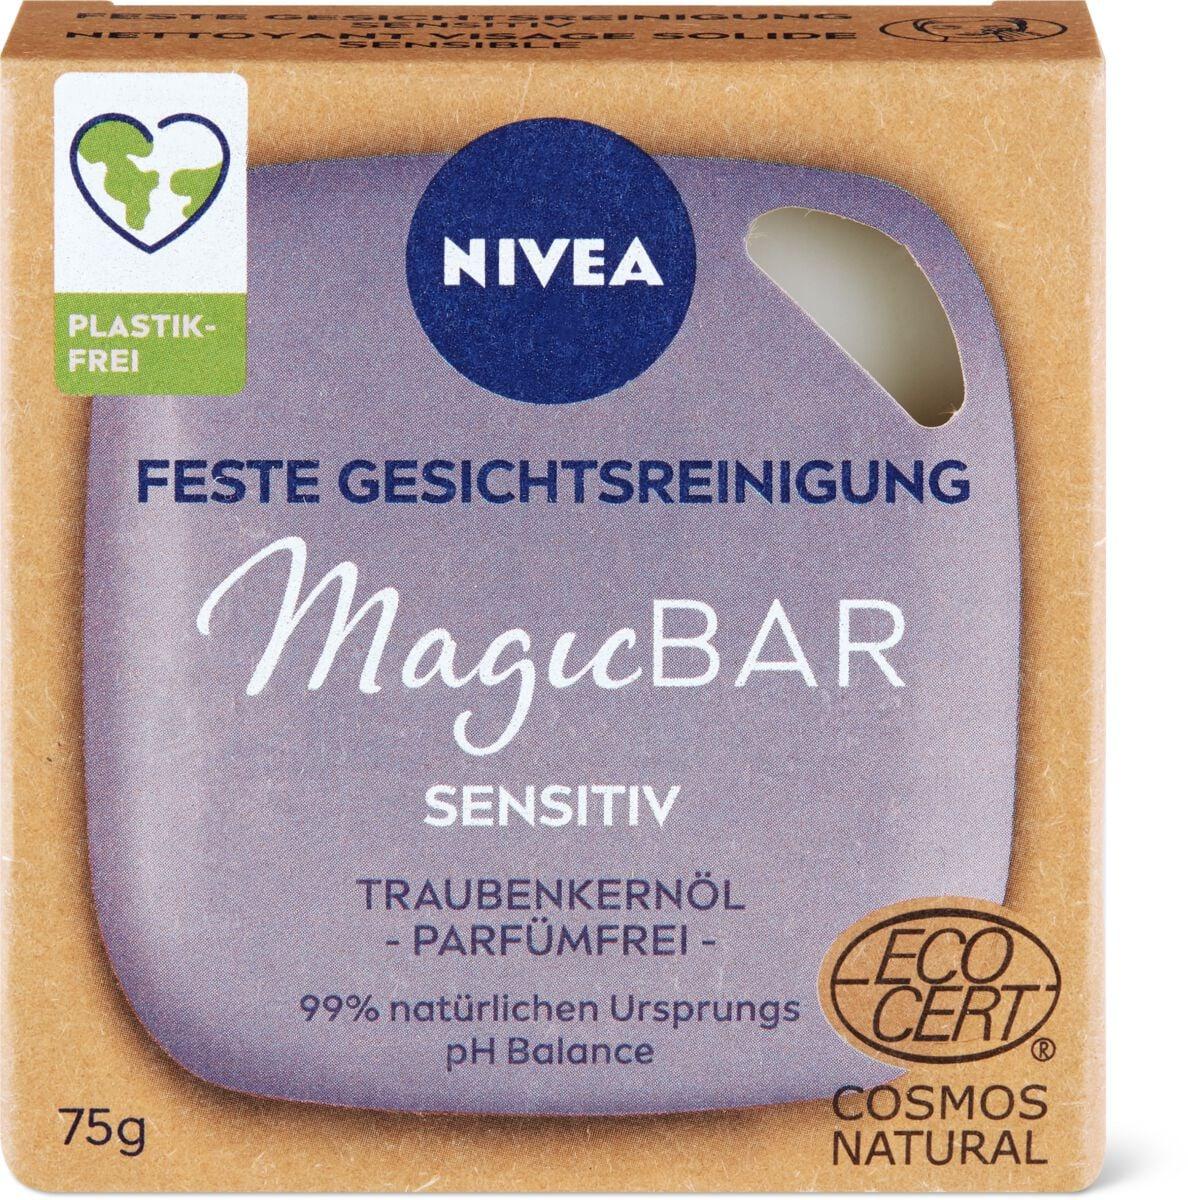 Nivea Magic Bar Sensitive